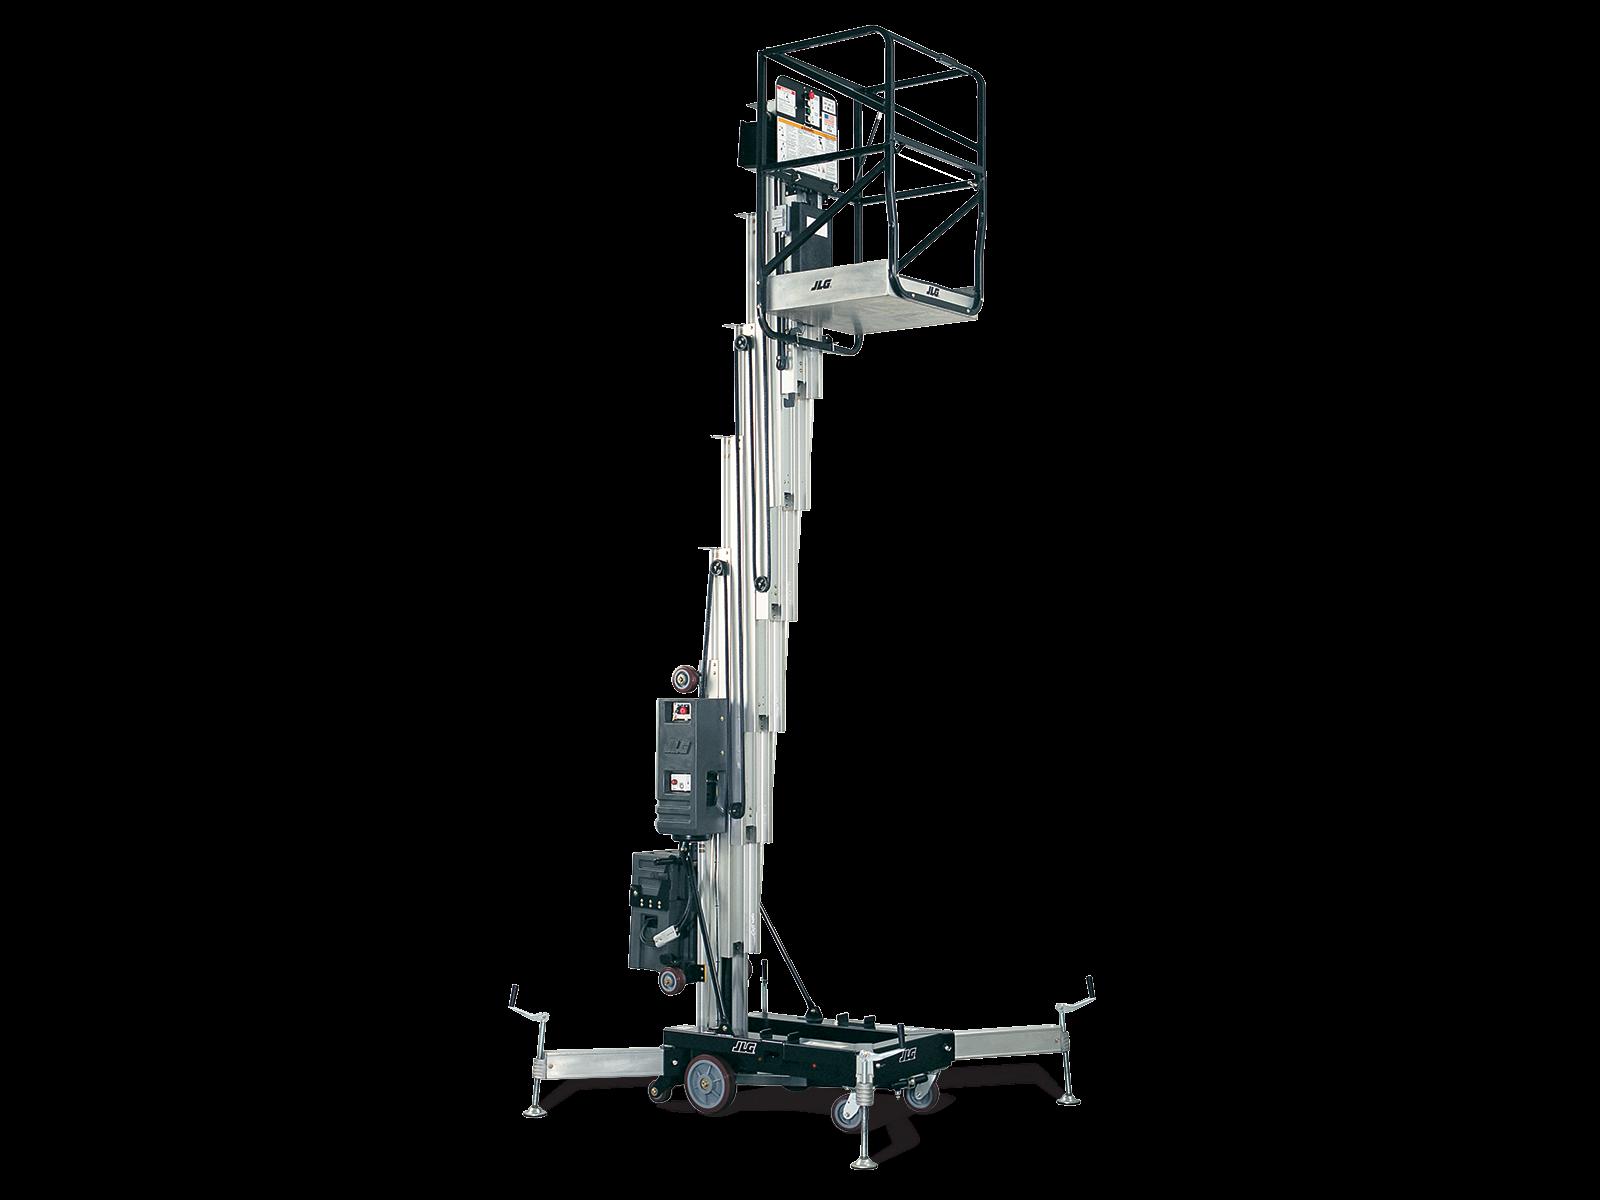 JLG 30AM Vertical Mast Lifts